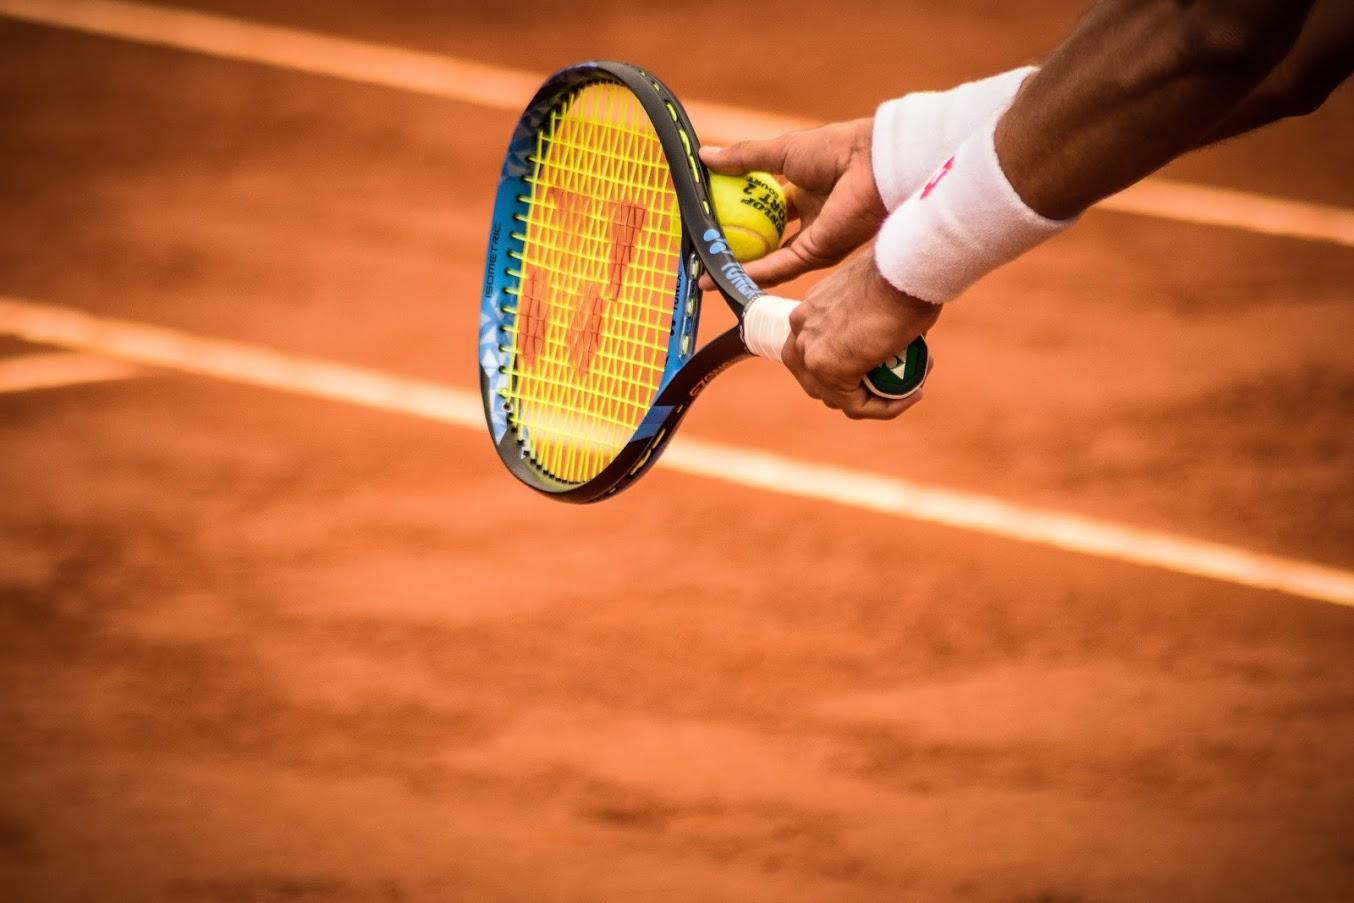 Sostegni, contributi per lo sport - Foto di Gonzalo Facello da Pexels